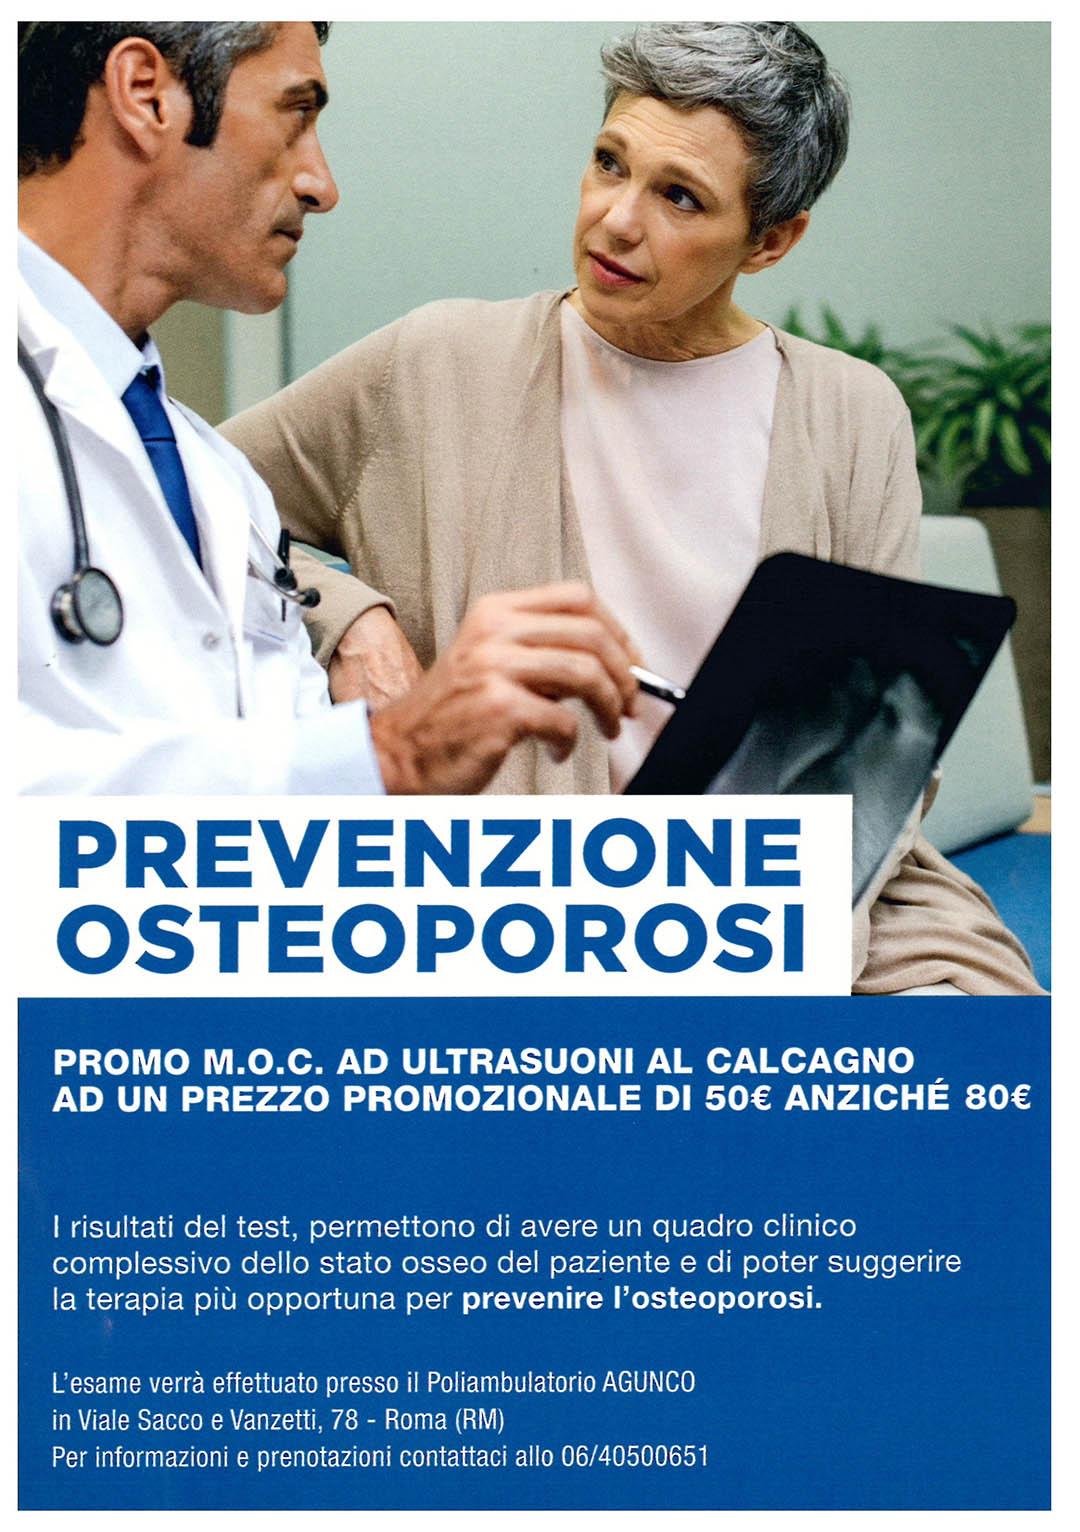 prevenzione-osteoporosi-volantino.jpg